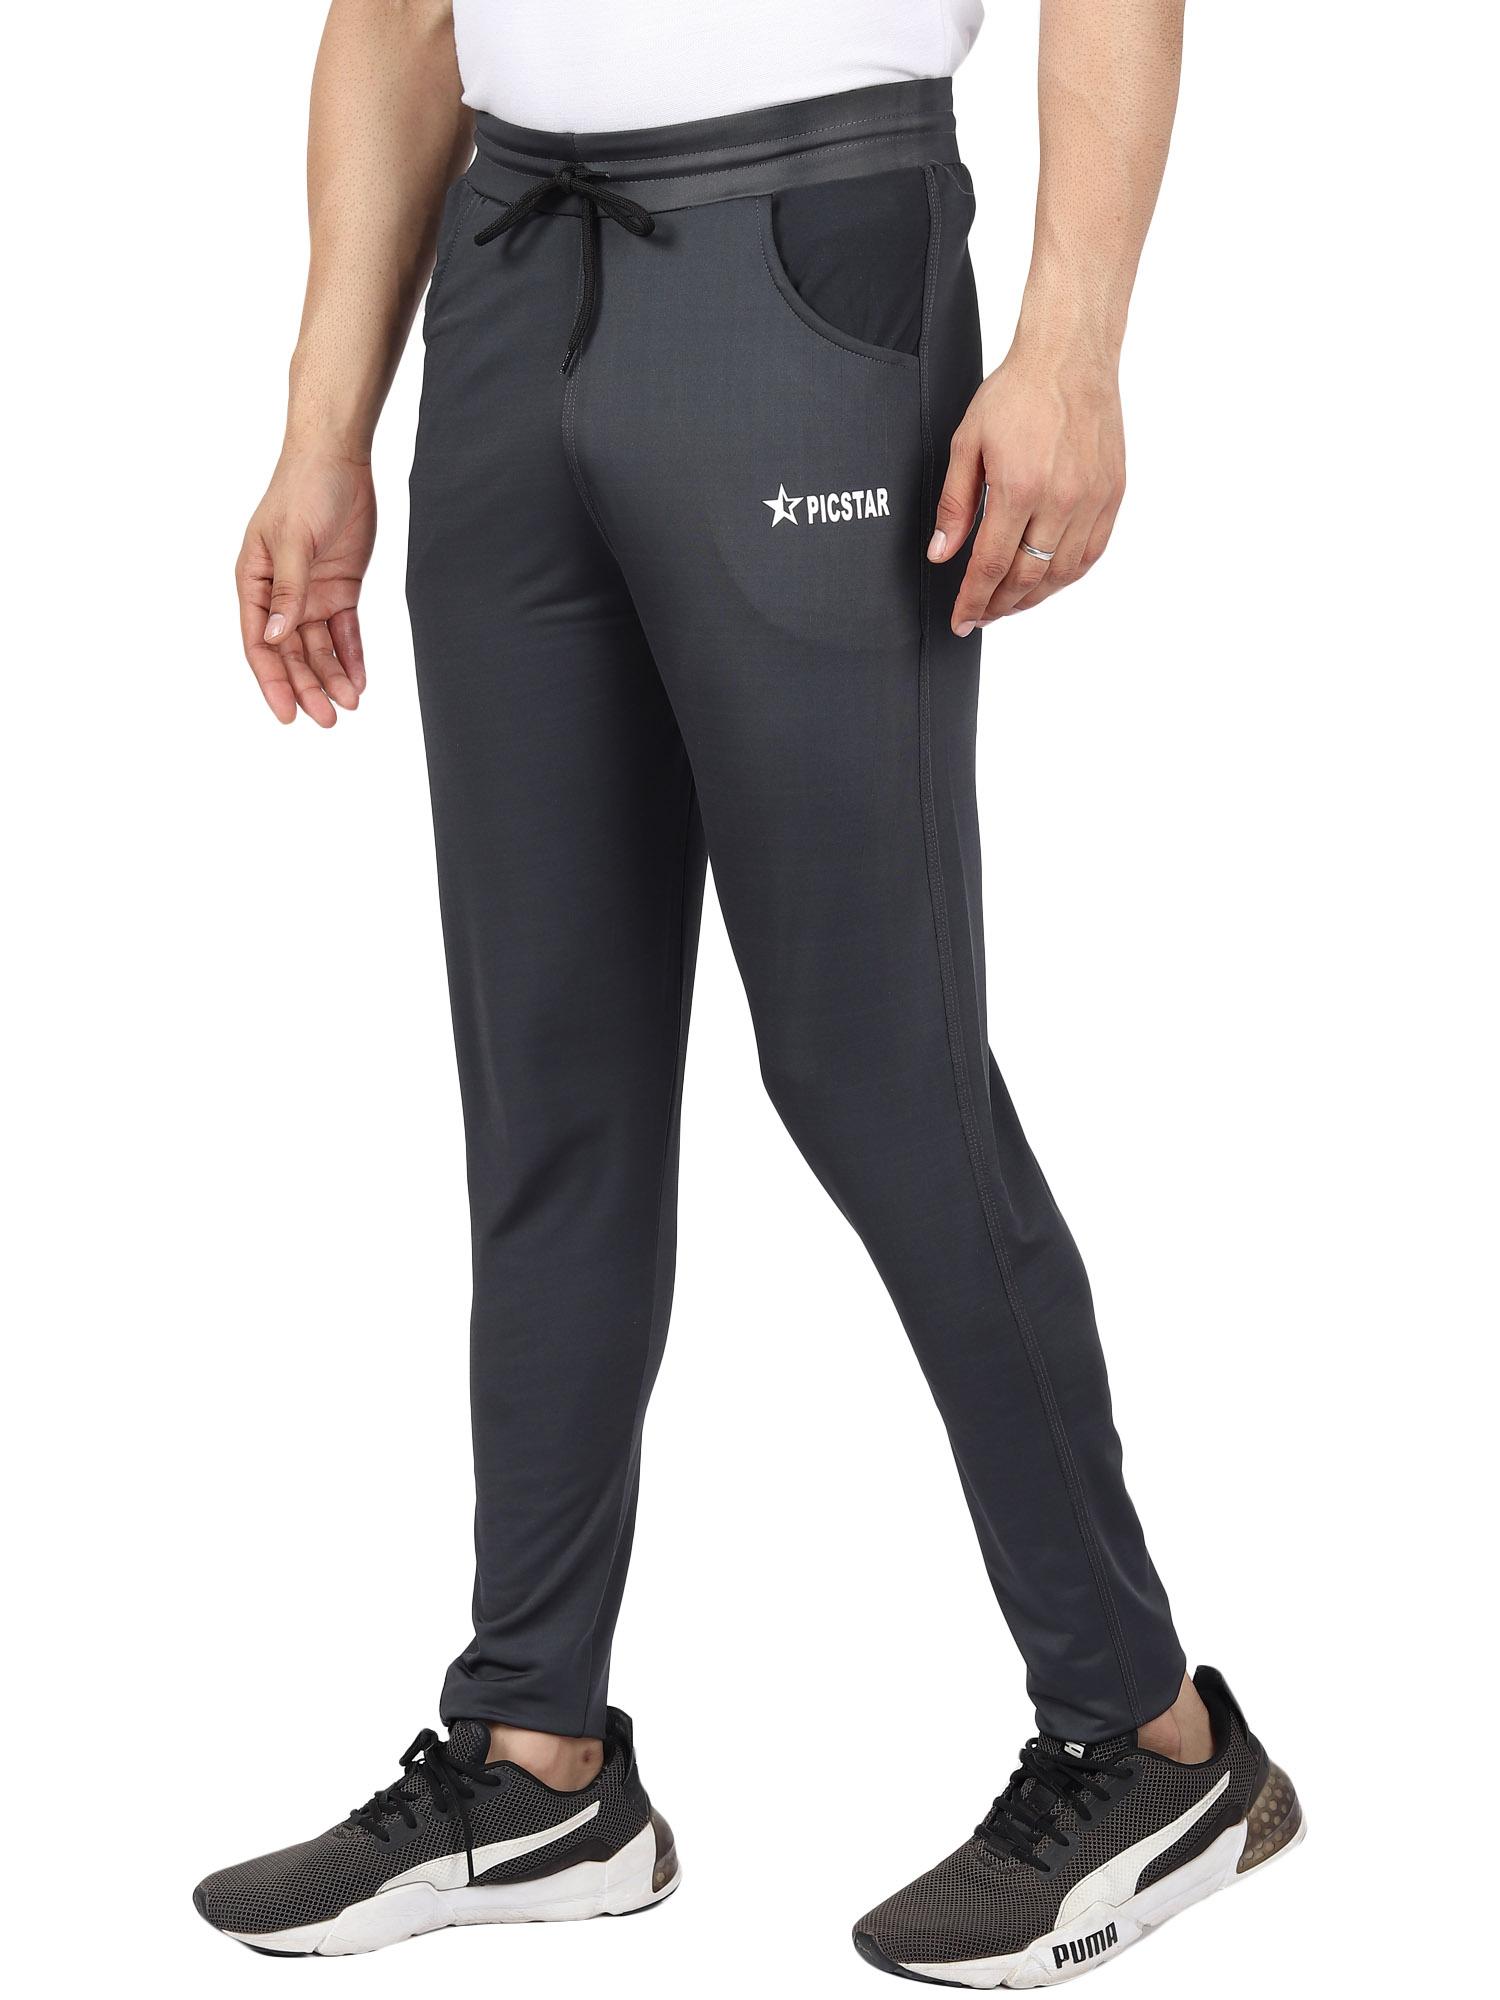 Picstar | Picstar Foster Men's Regular Fit Trackpants